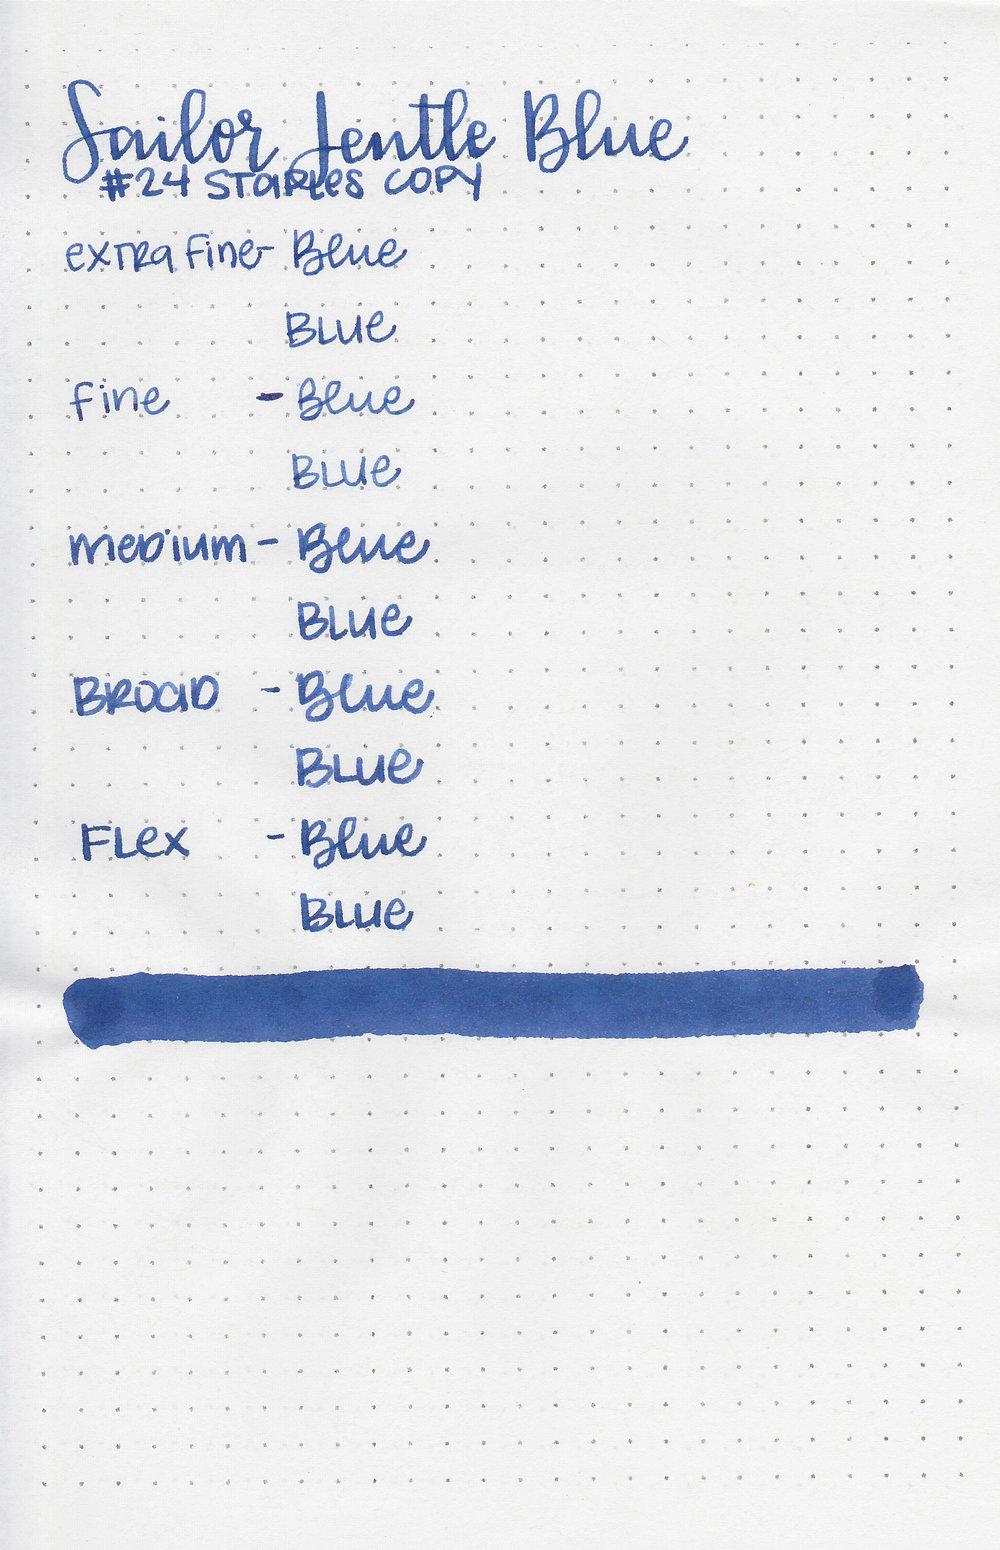 sj-blue-11.jpg